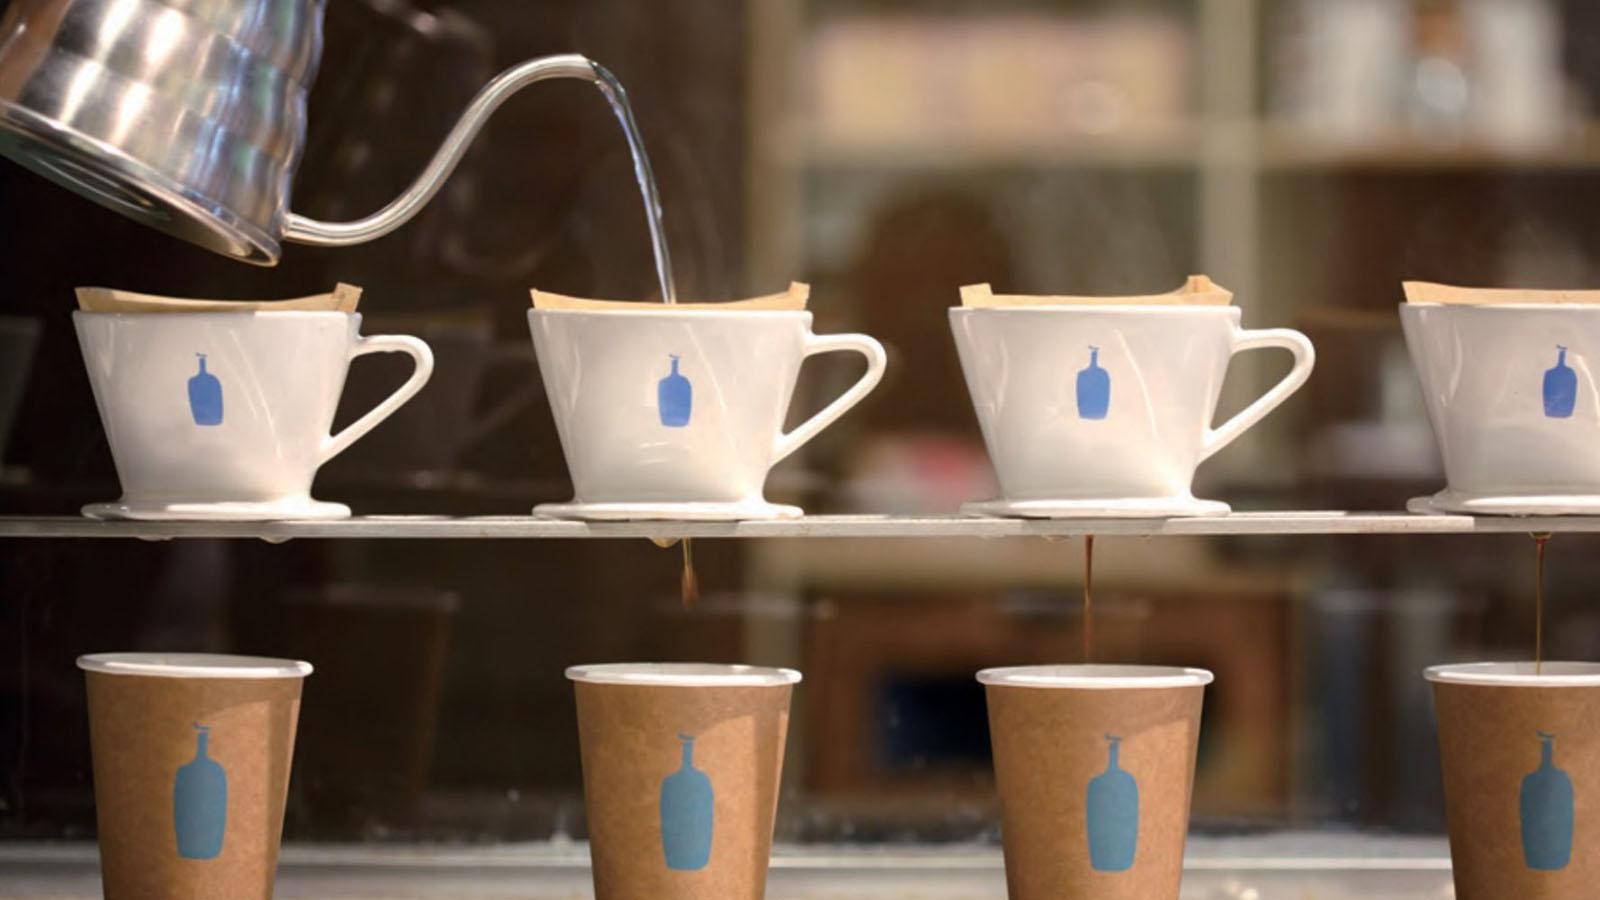 BLUE-BOTTLE-COFFEE